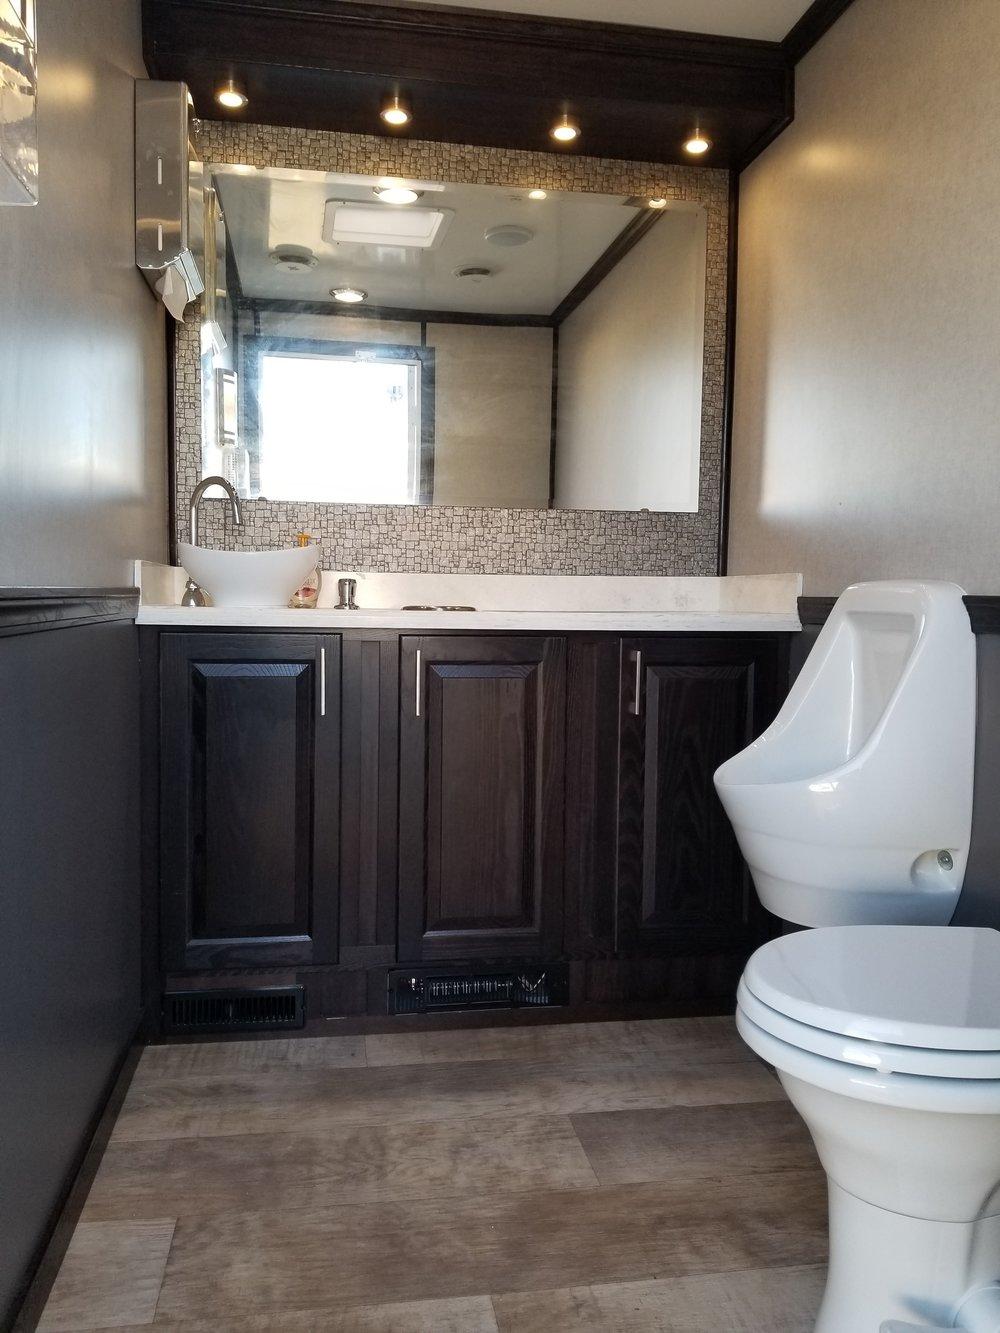 2 Person restroom interior